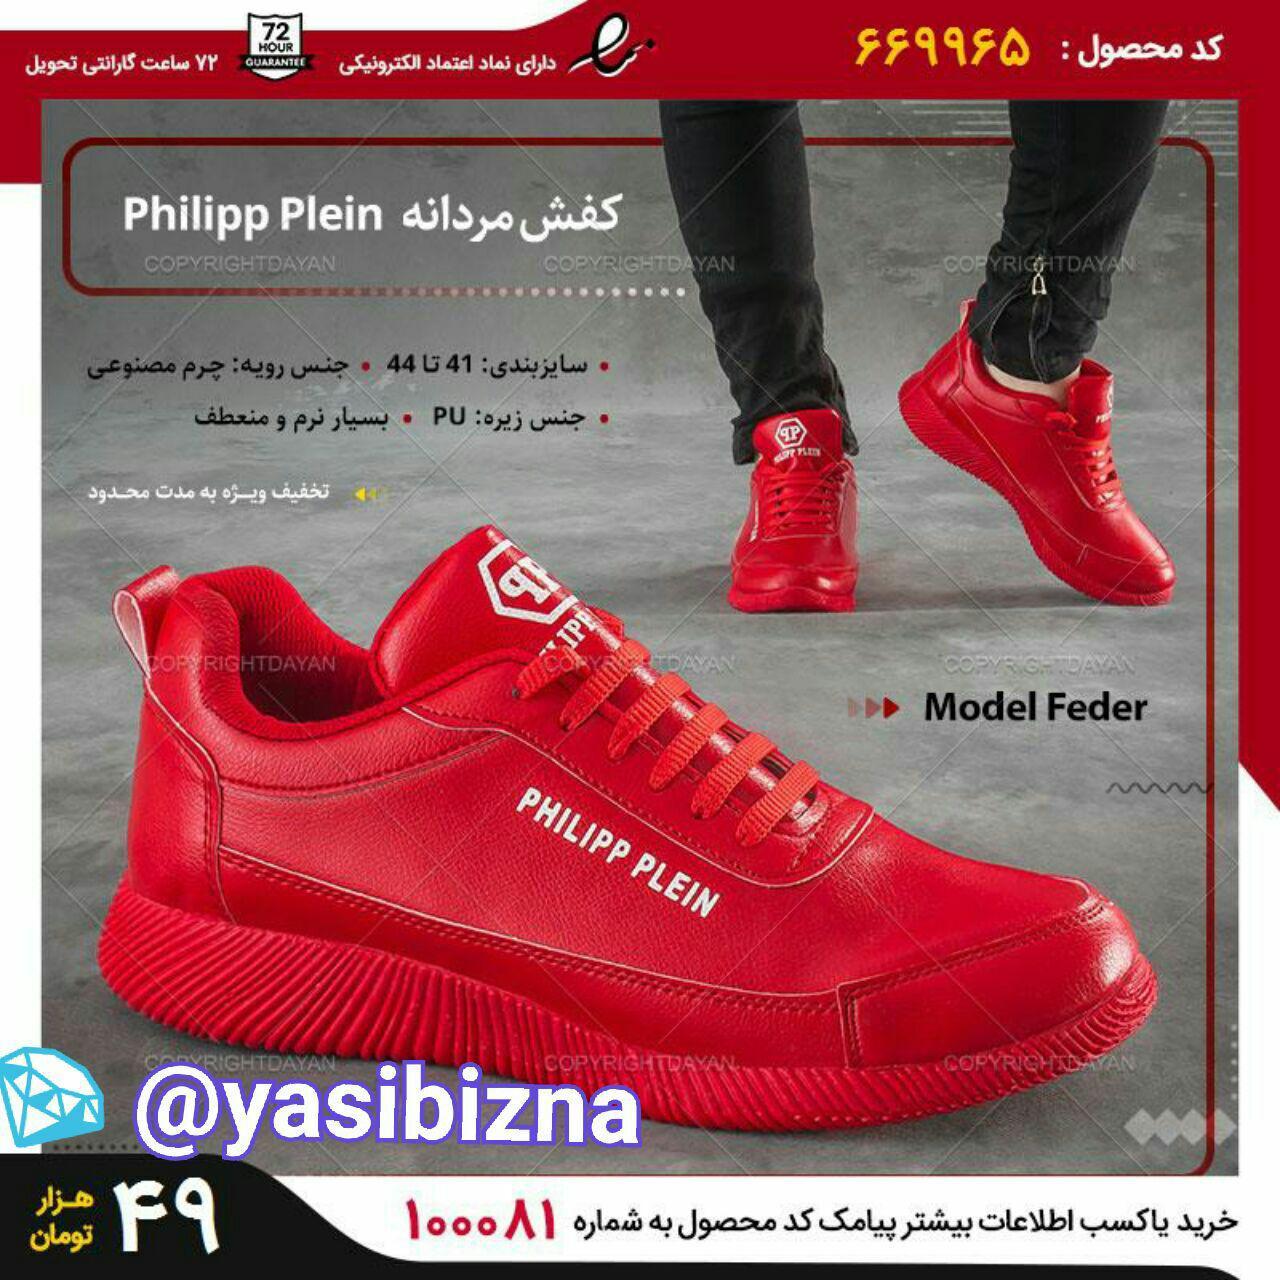 کفش مردانه Philipp Plein مدل Feder(قرمز)